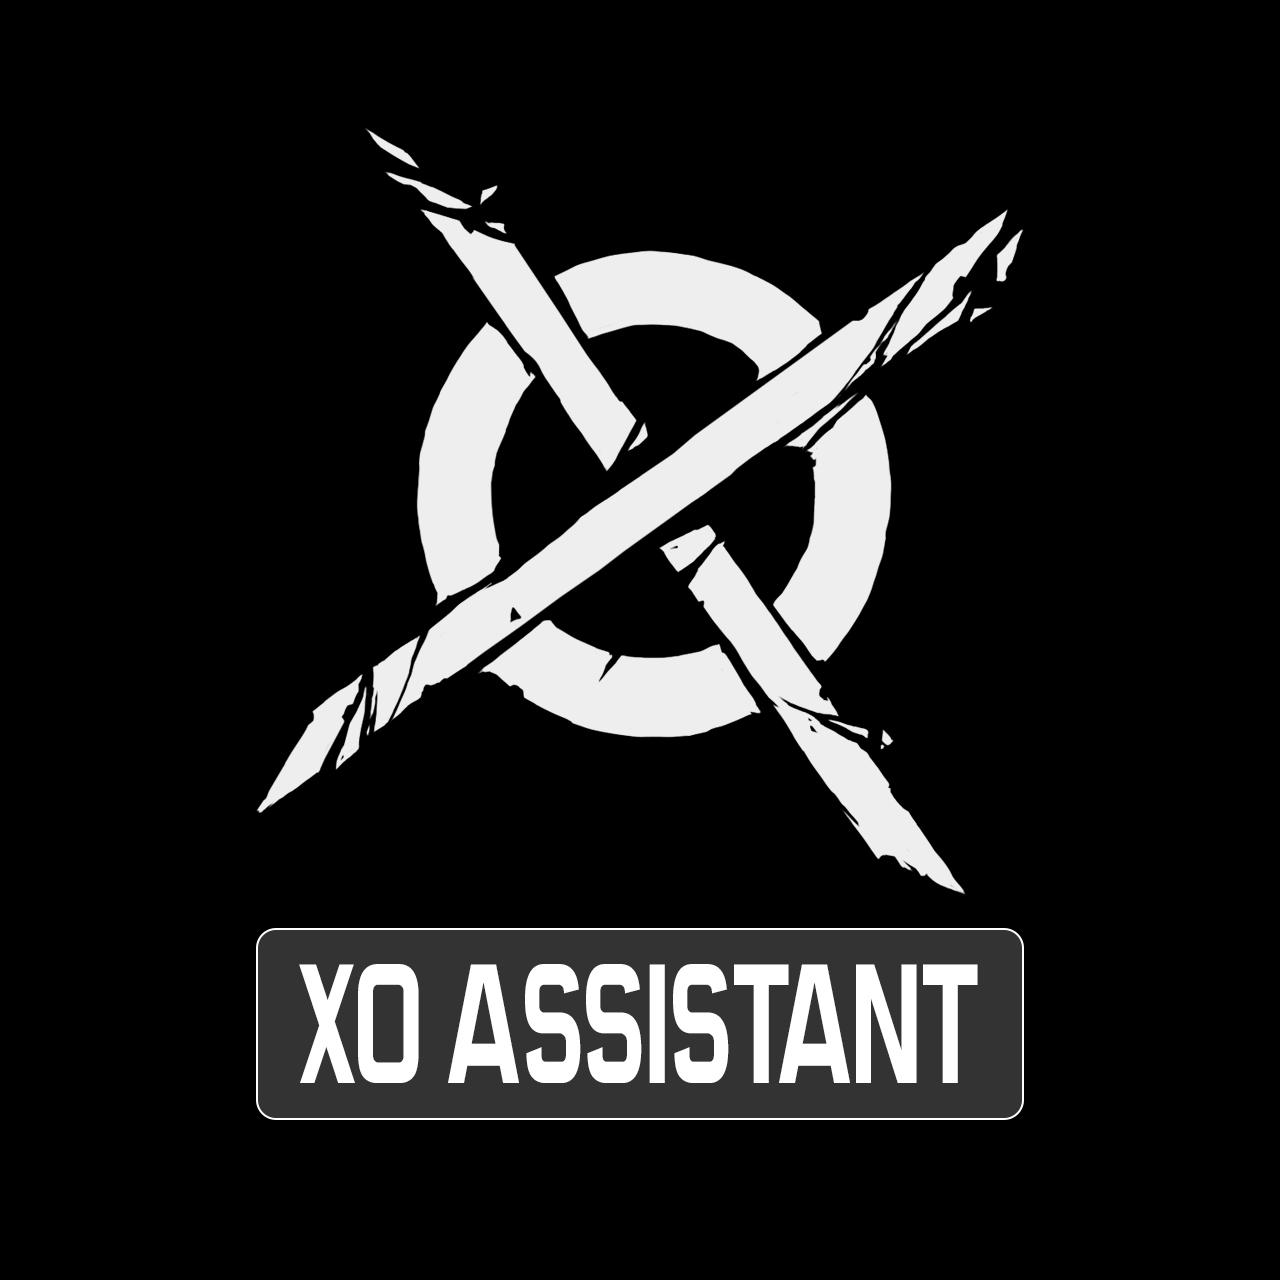 Gad575/XO Assistant - Discord-бот